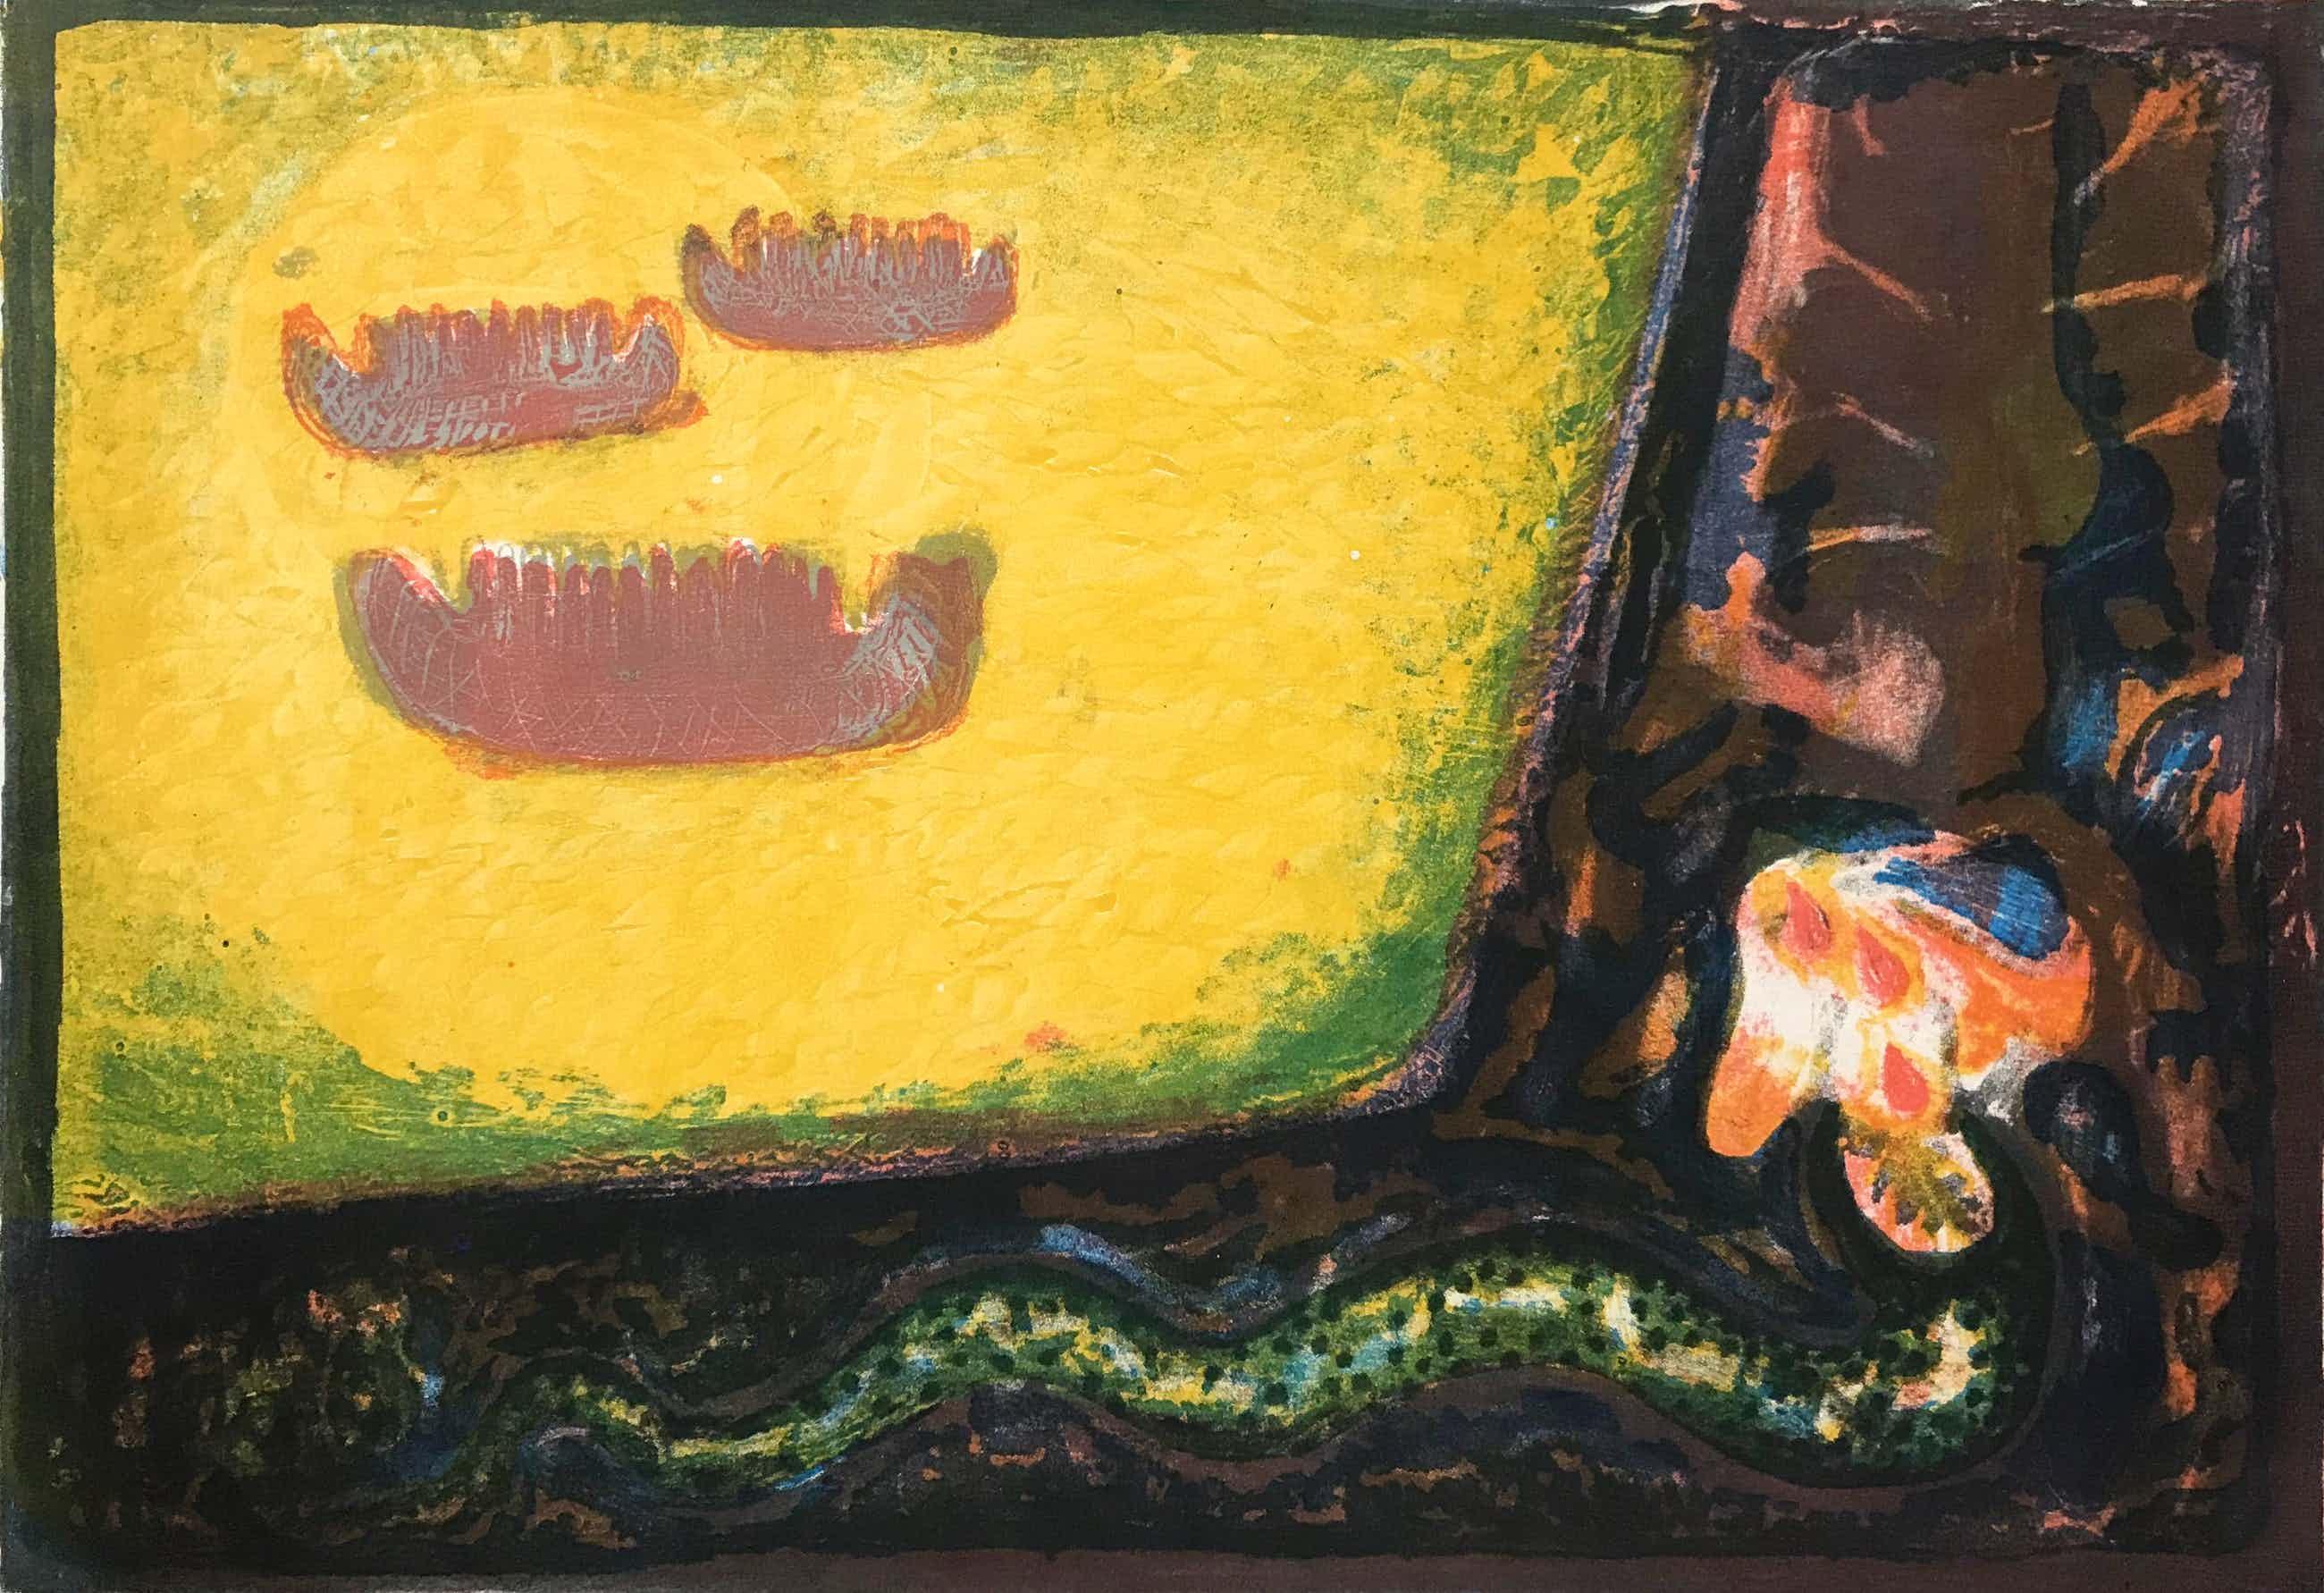 Reidar Magnus - Originele kleurenlitho - 1954 - Gesigneerd - 3/8 kopen? Bied vanaf 65!